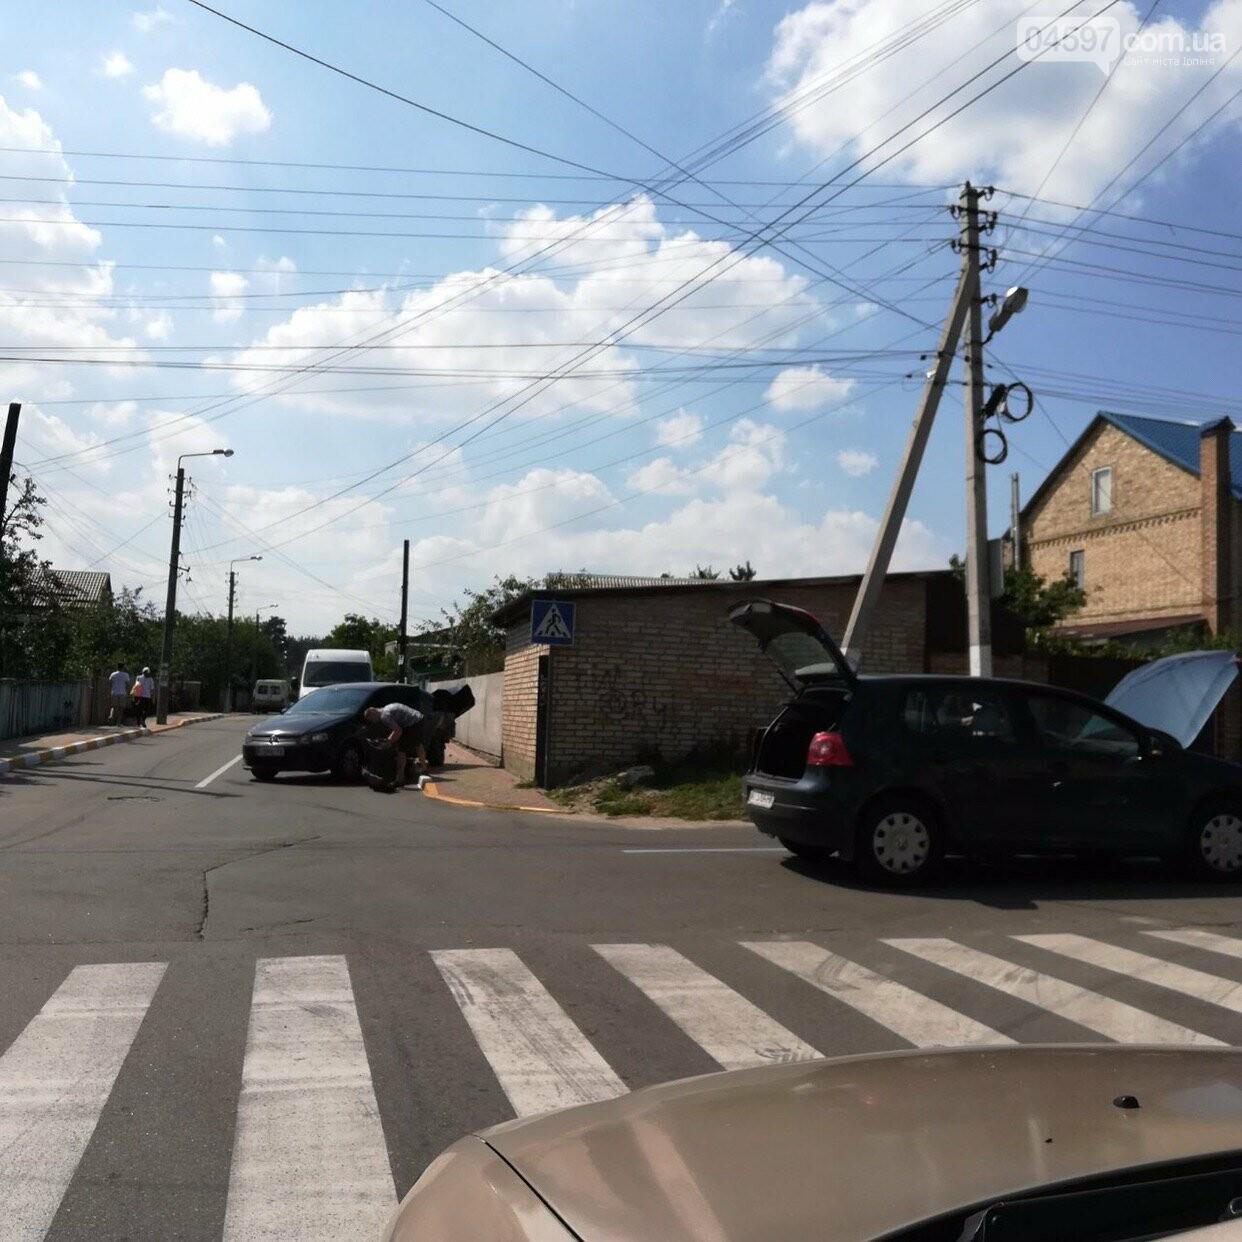 Чергове ДТП на перетині вул. Громадянської та Озерної, фото-2